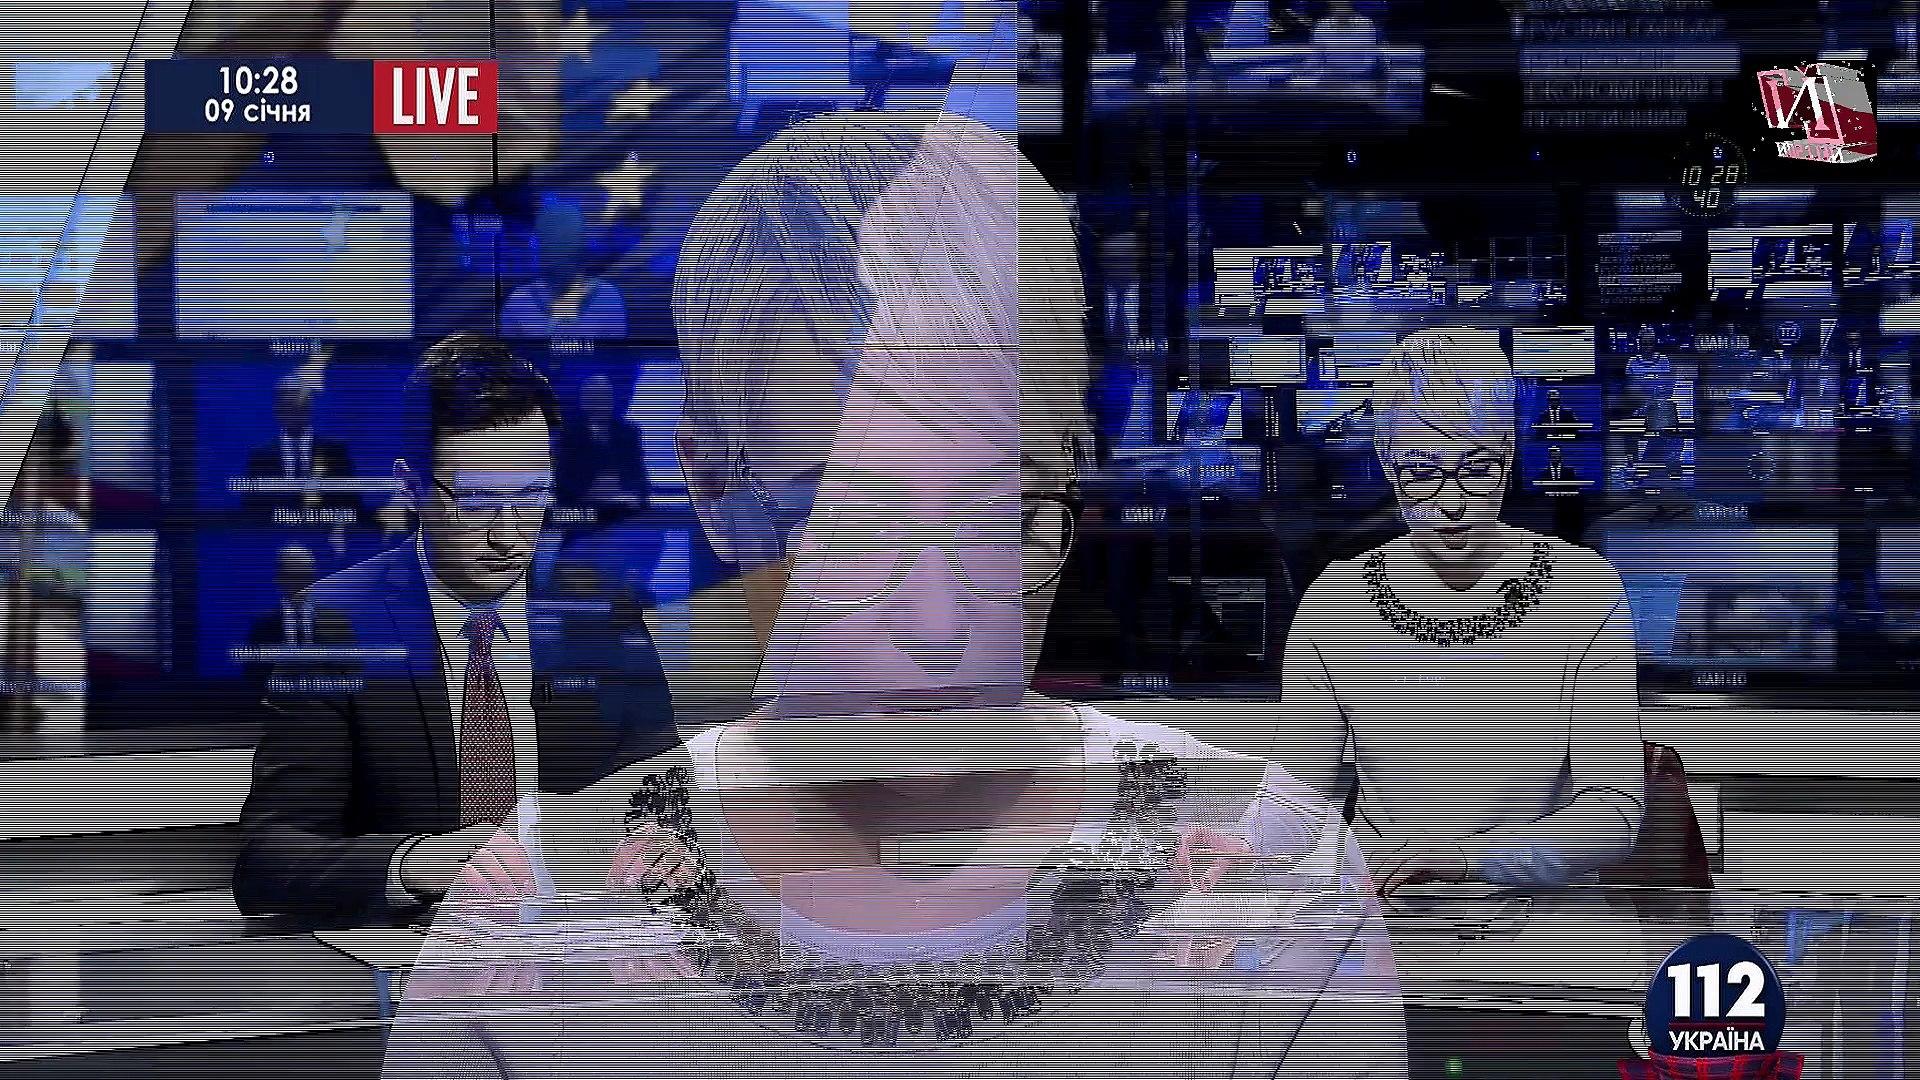 Соскин О., Гарбар Р., интервью о политике Украины и терактов во Франции  09. 01. 2015 года